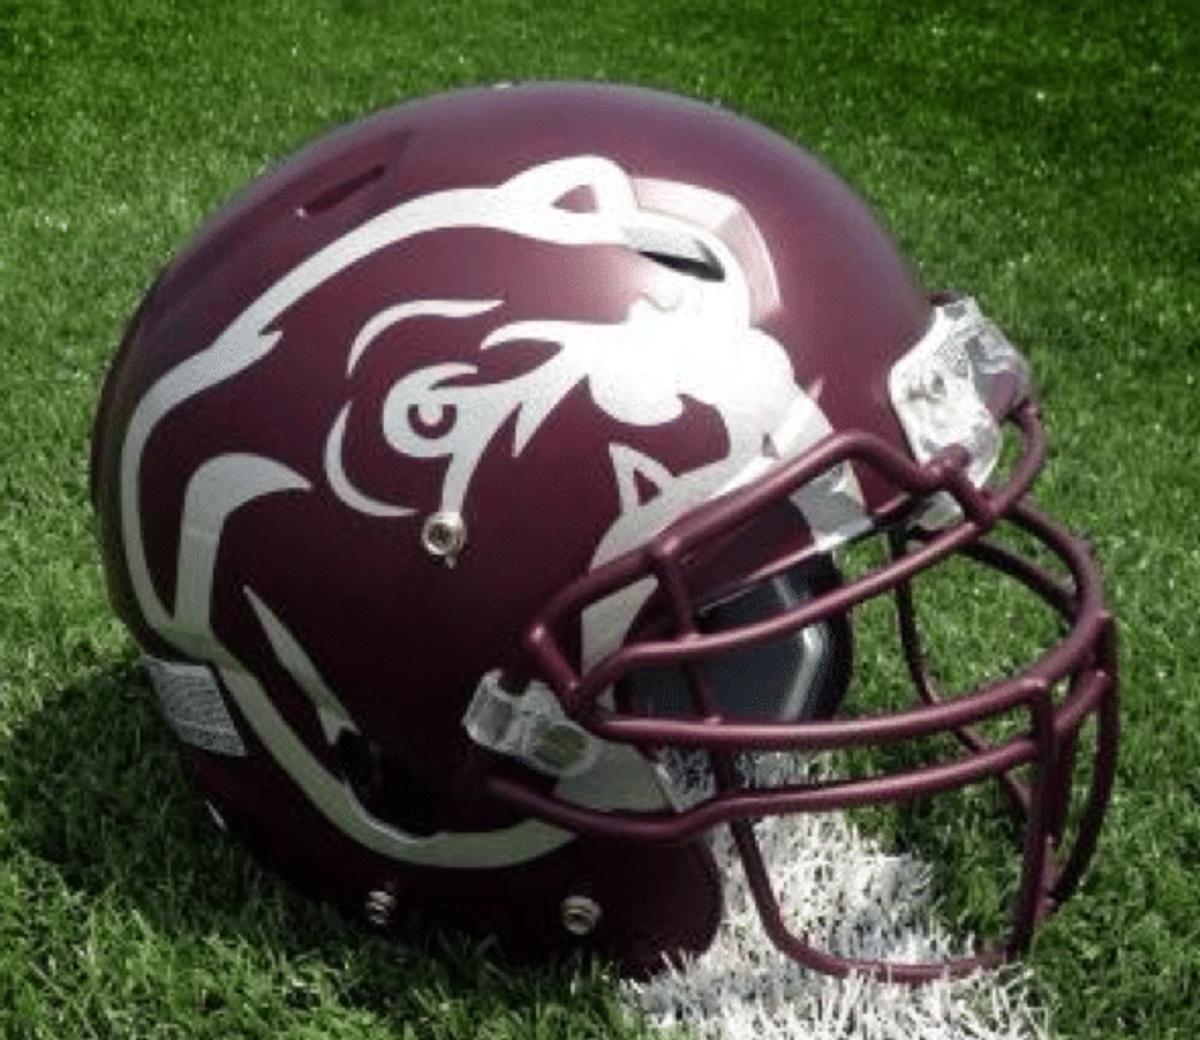 Miss State helmet